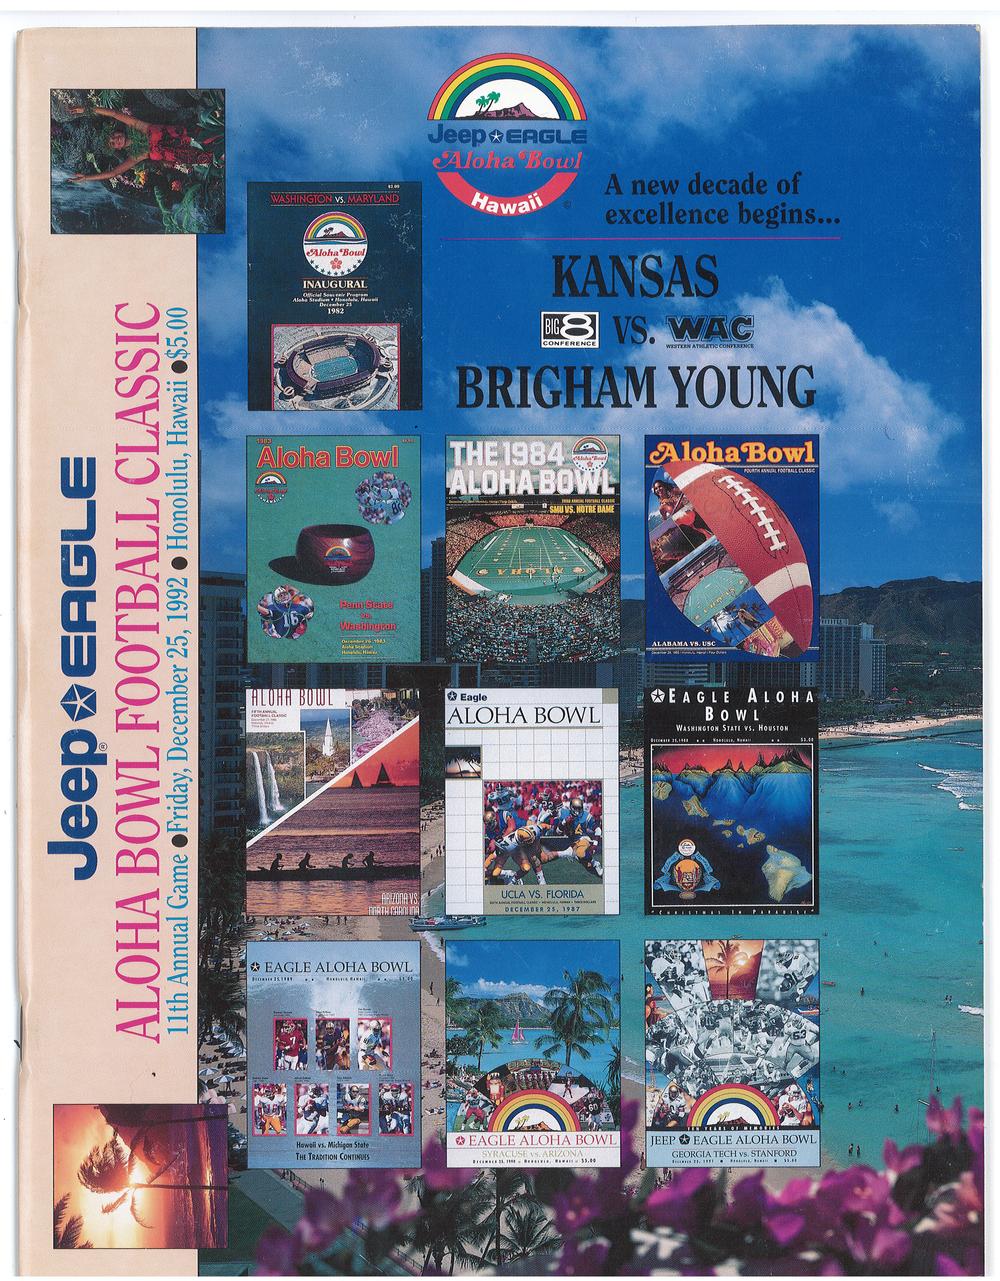 WLWLTDOO-1992-EPHEMERA-ALOHA_BOWL-PROGRAM-FRONT.png